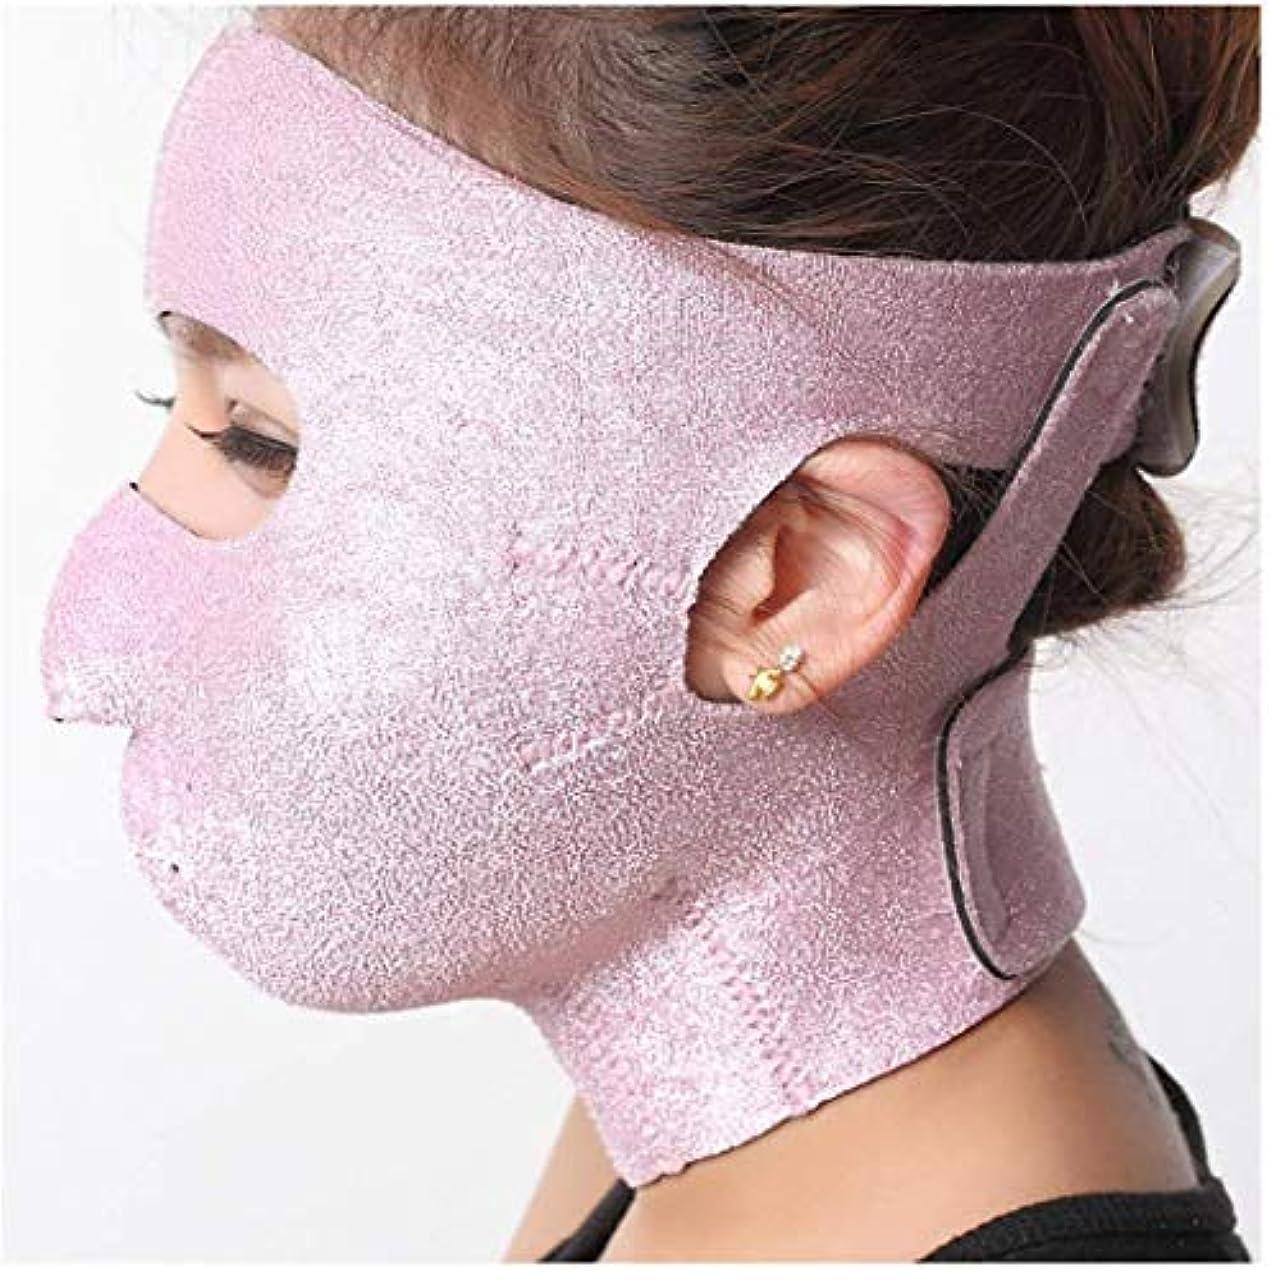 学部プリーツ貧困美容と実用的な引き締めフェイスマスク、小さなV顔アーティファクト睡眠薄い顔包帯マスクリフティングマスク引き締めクリーム顔リフトフェイスメロン顔楽器